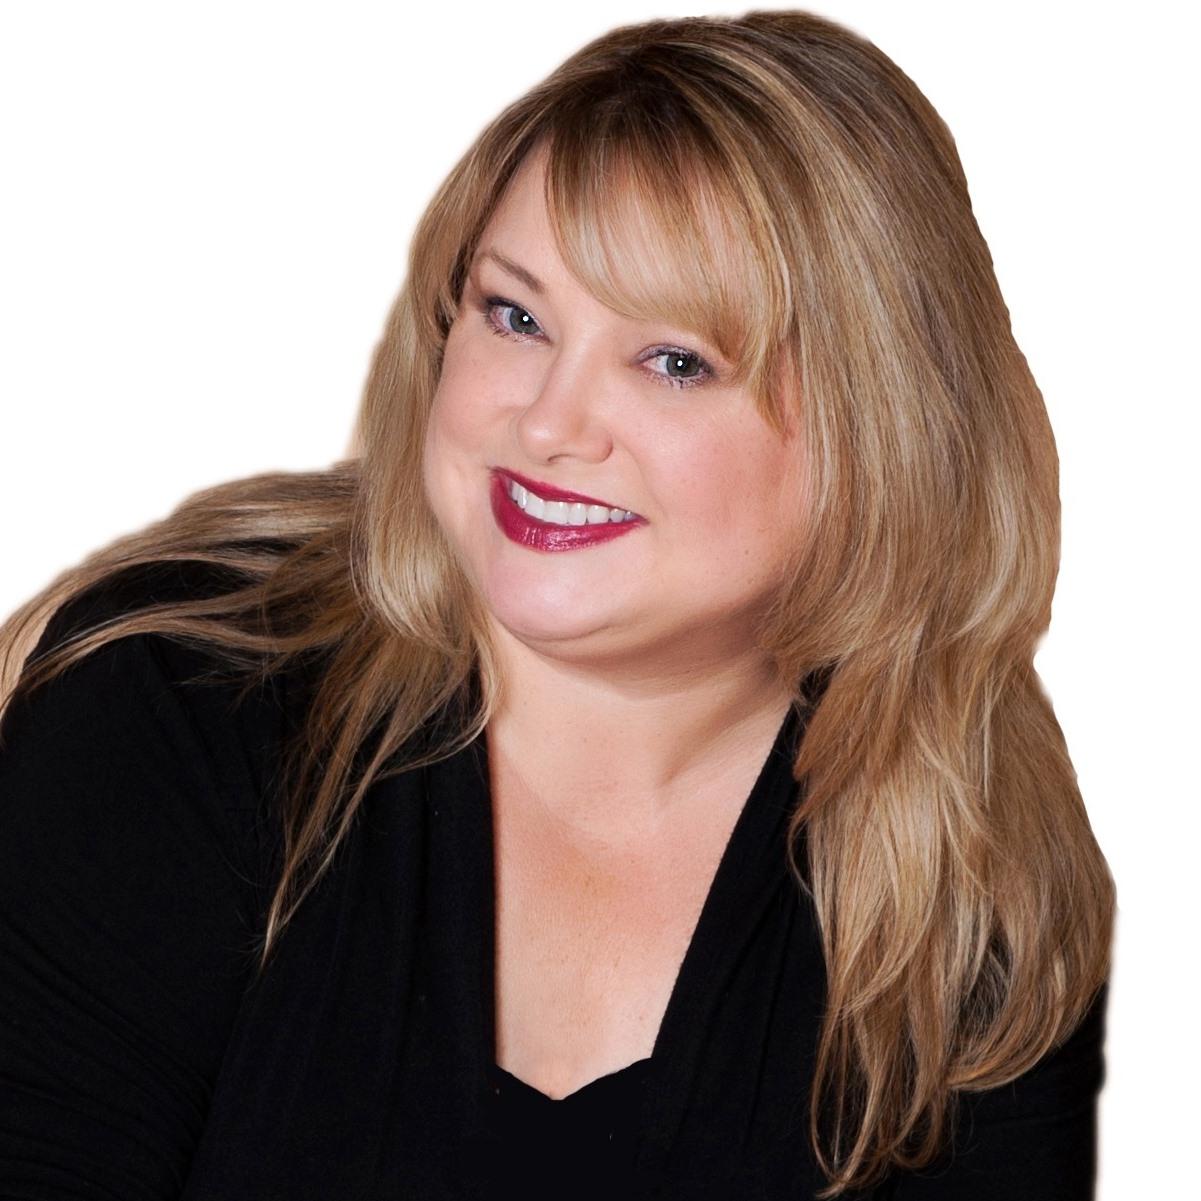 Laura Hayford